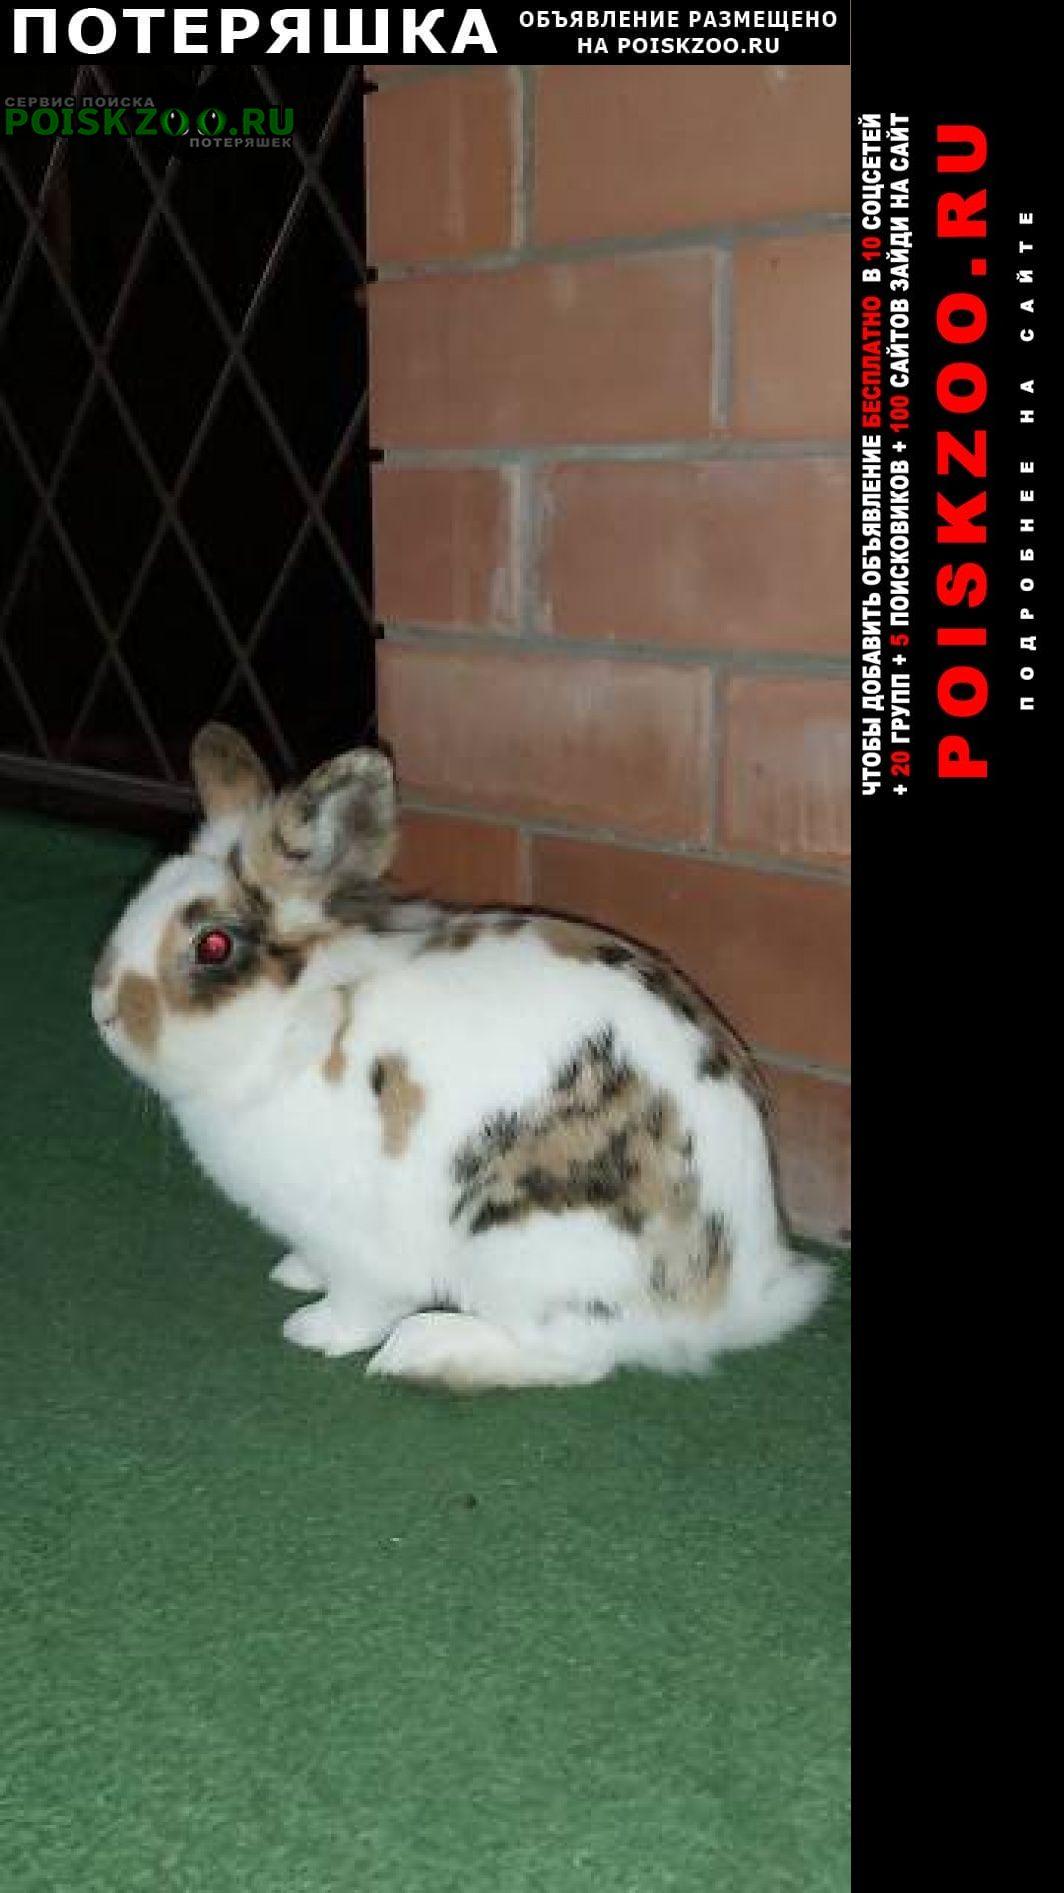 Пропало домашнее животное кролик декоративный Ейск